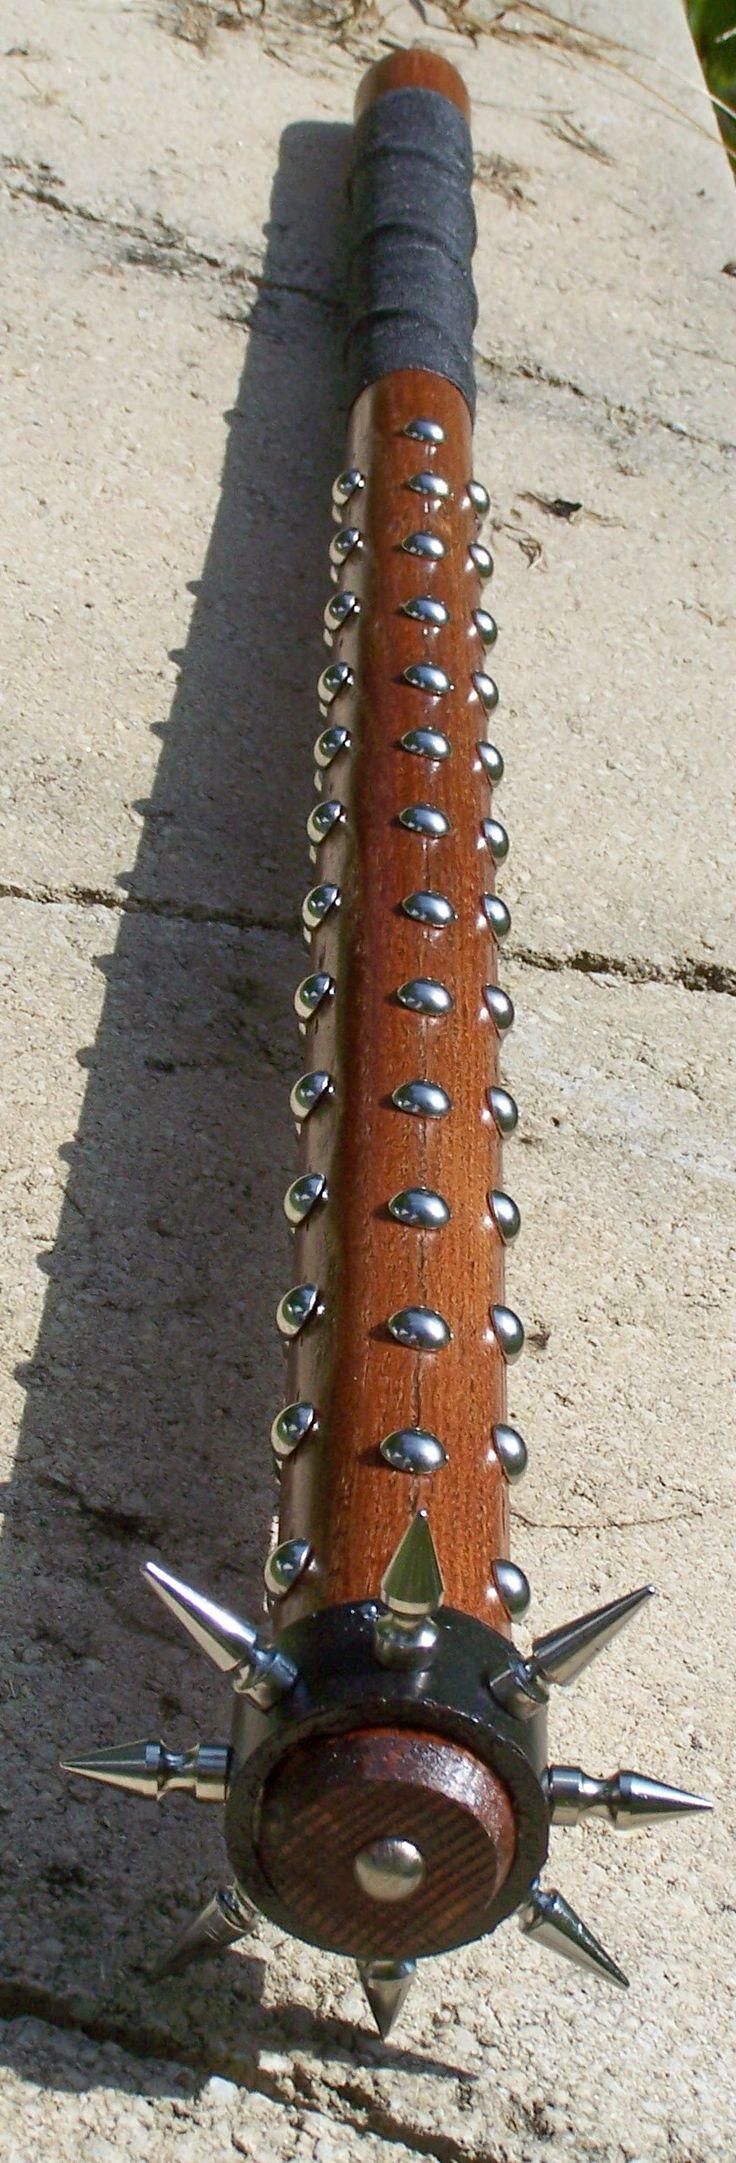 Ugly Stick V2